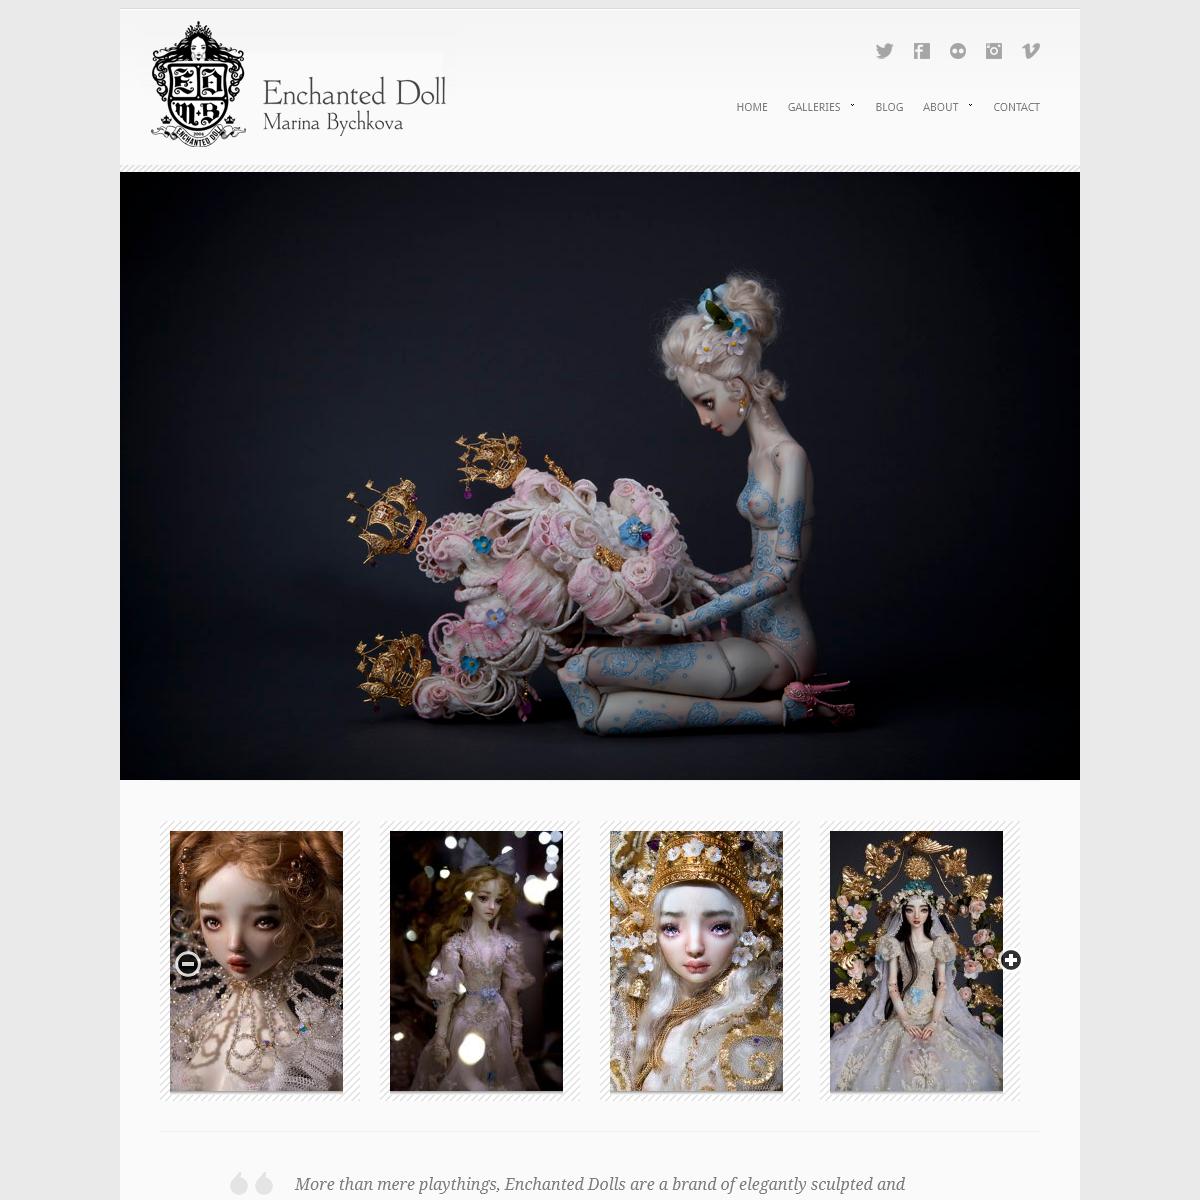 Enchanted Doll - By Marina Bychkova